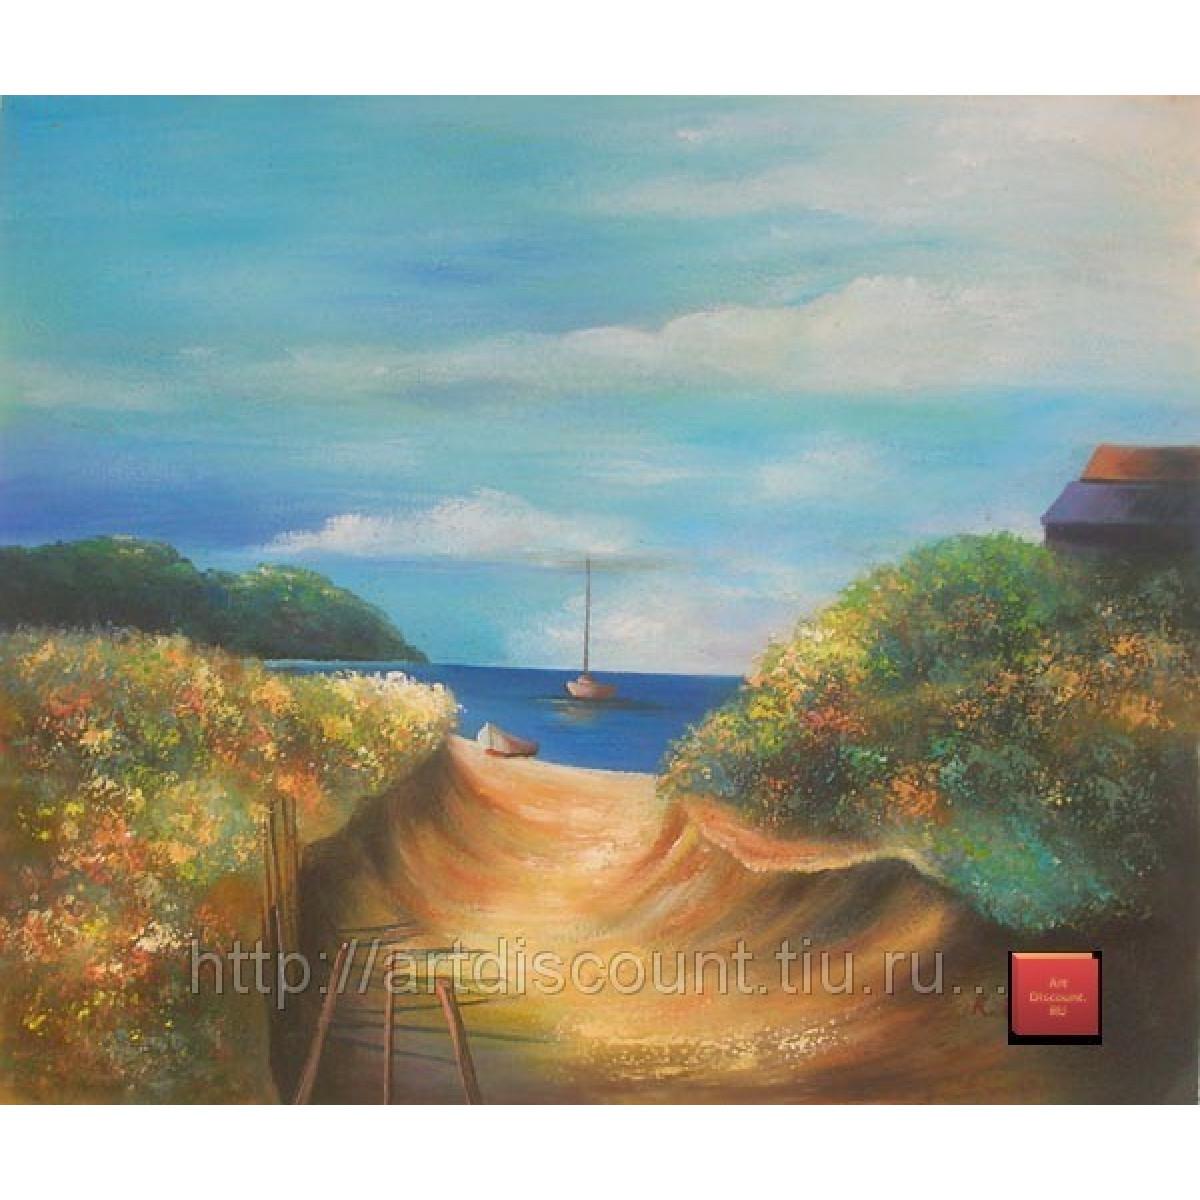 """Картина """"Летний день в дюнах"""", холст, масло, 50х60см"""